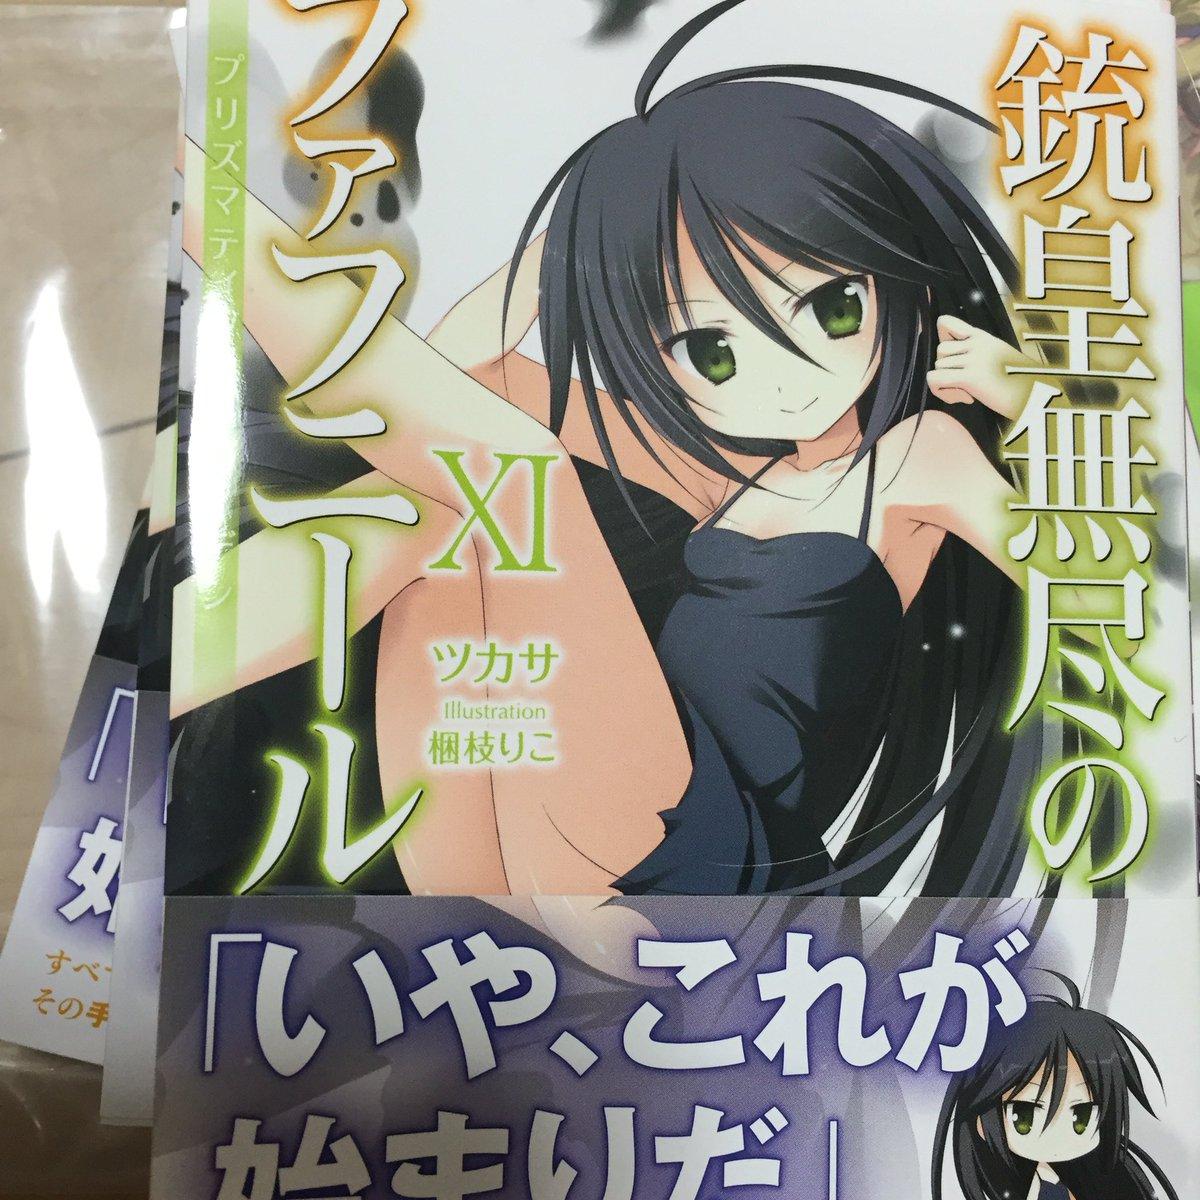 銃皇無尽のファフニール11巻届きました\('ω')/4月1日発売ですよー!